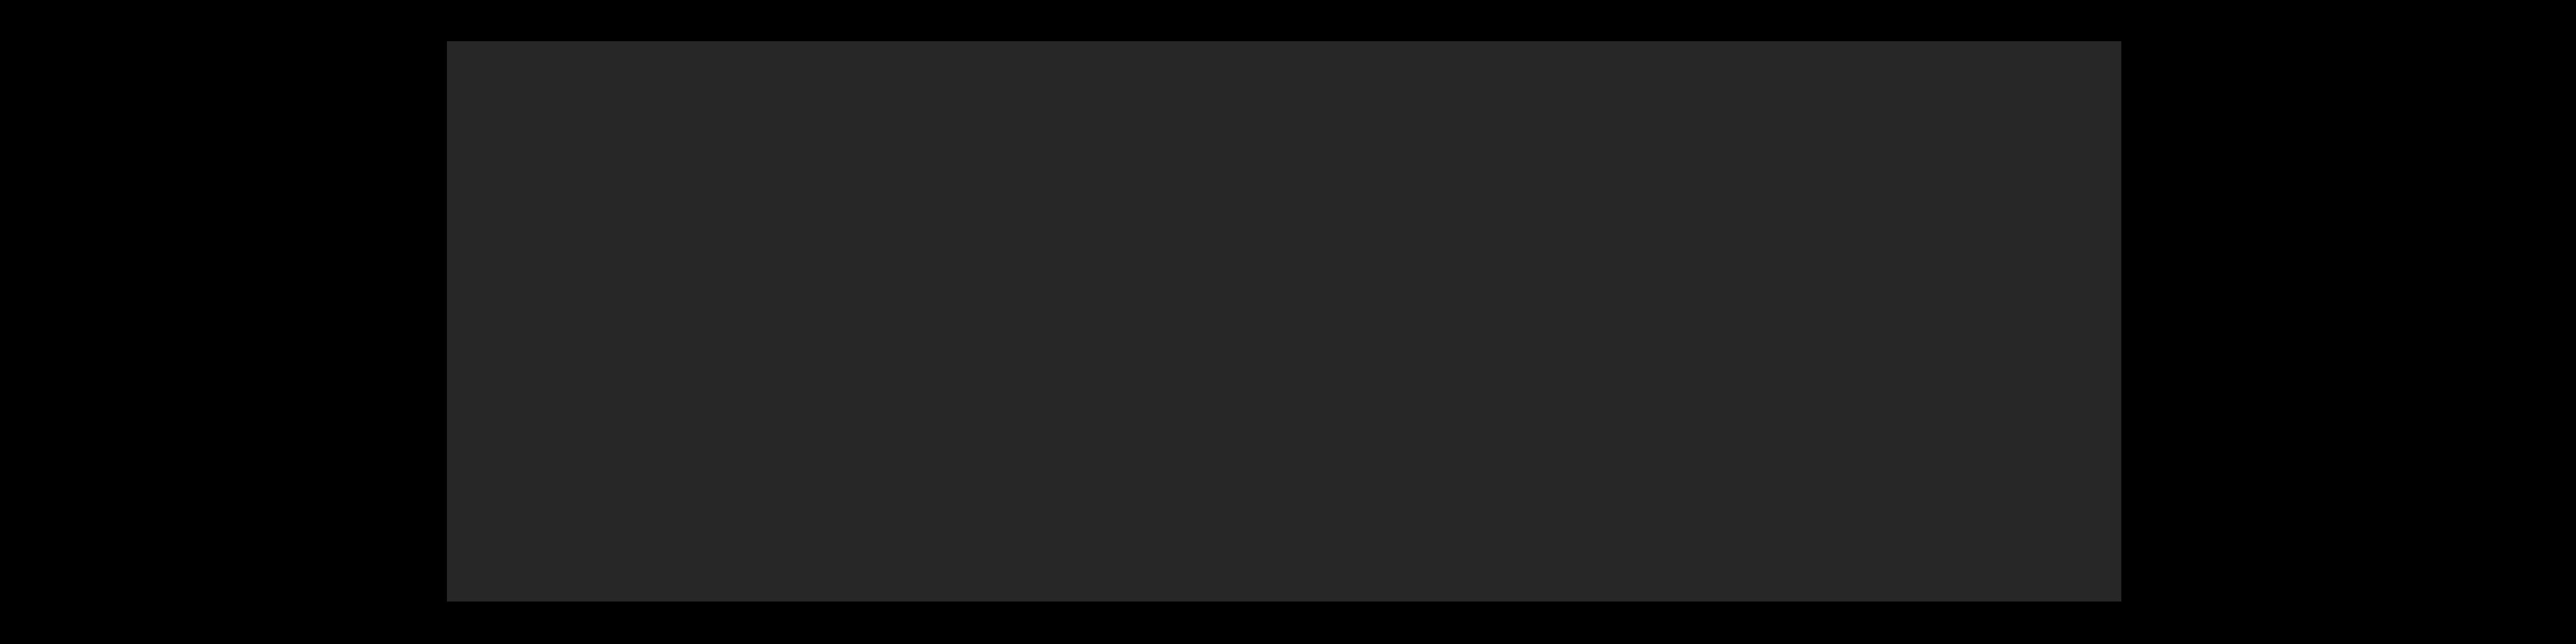 Icon für die Vorteile für Unternehmen: Strukturieren, optimieren und visualisieren Sie Ihre Datenströme